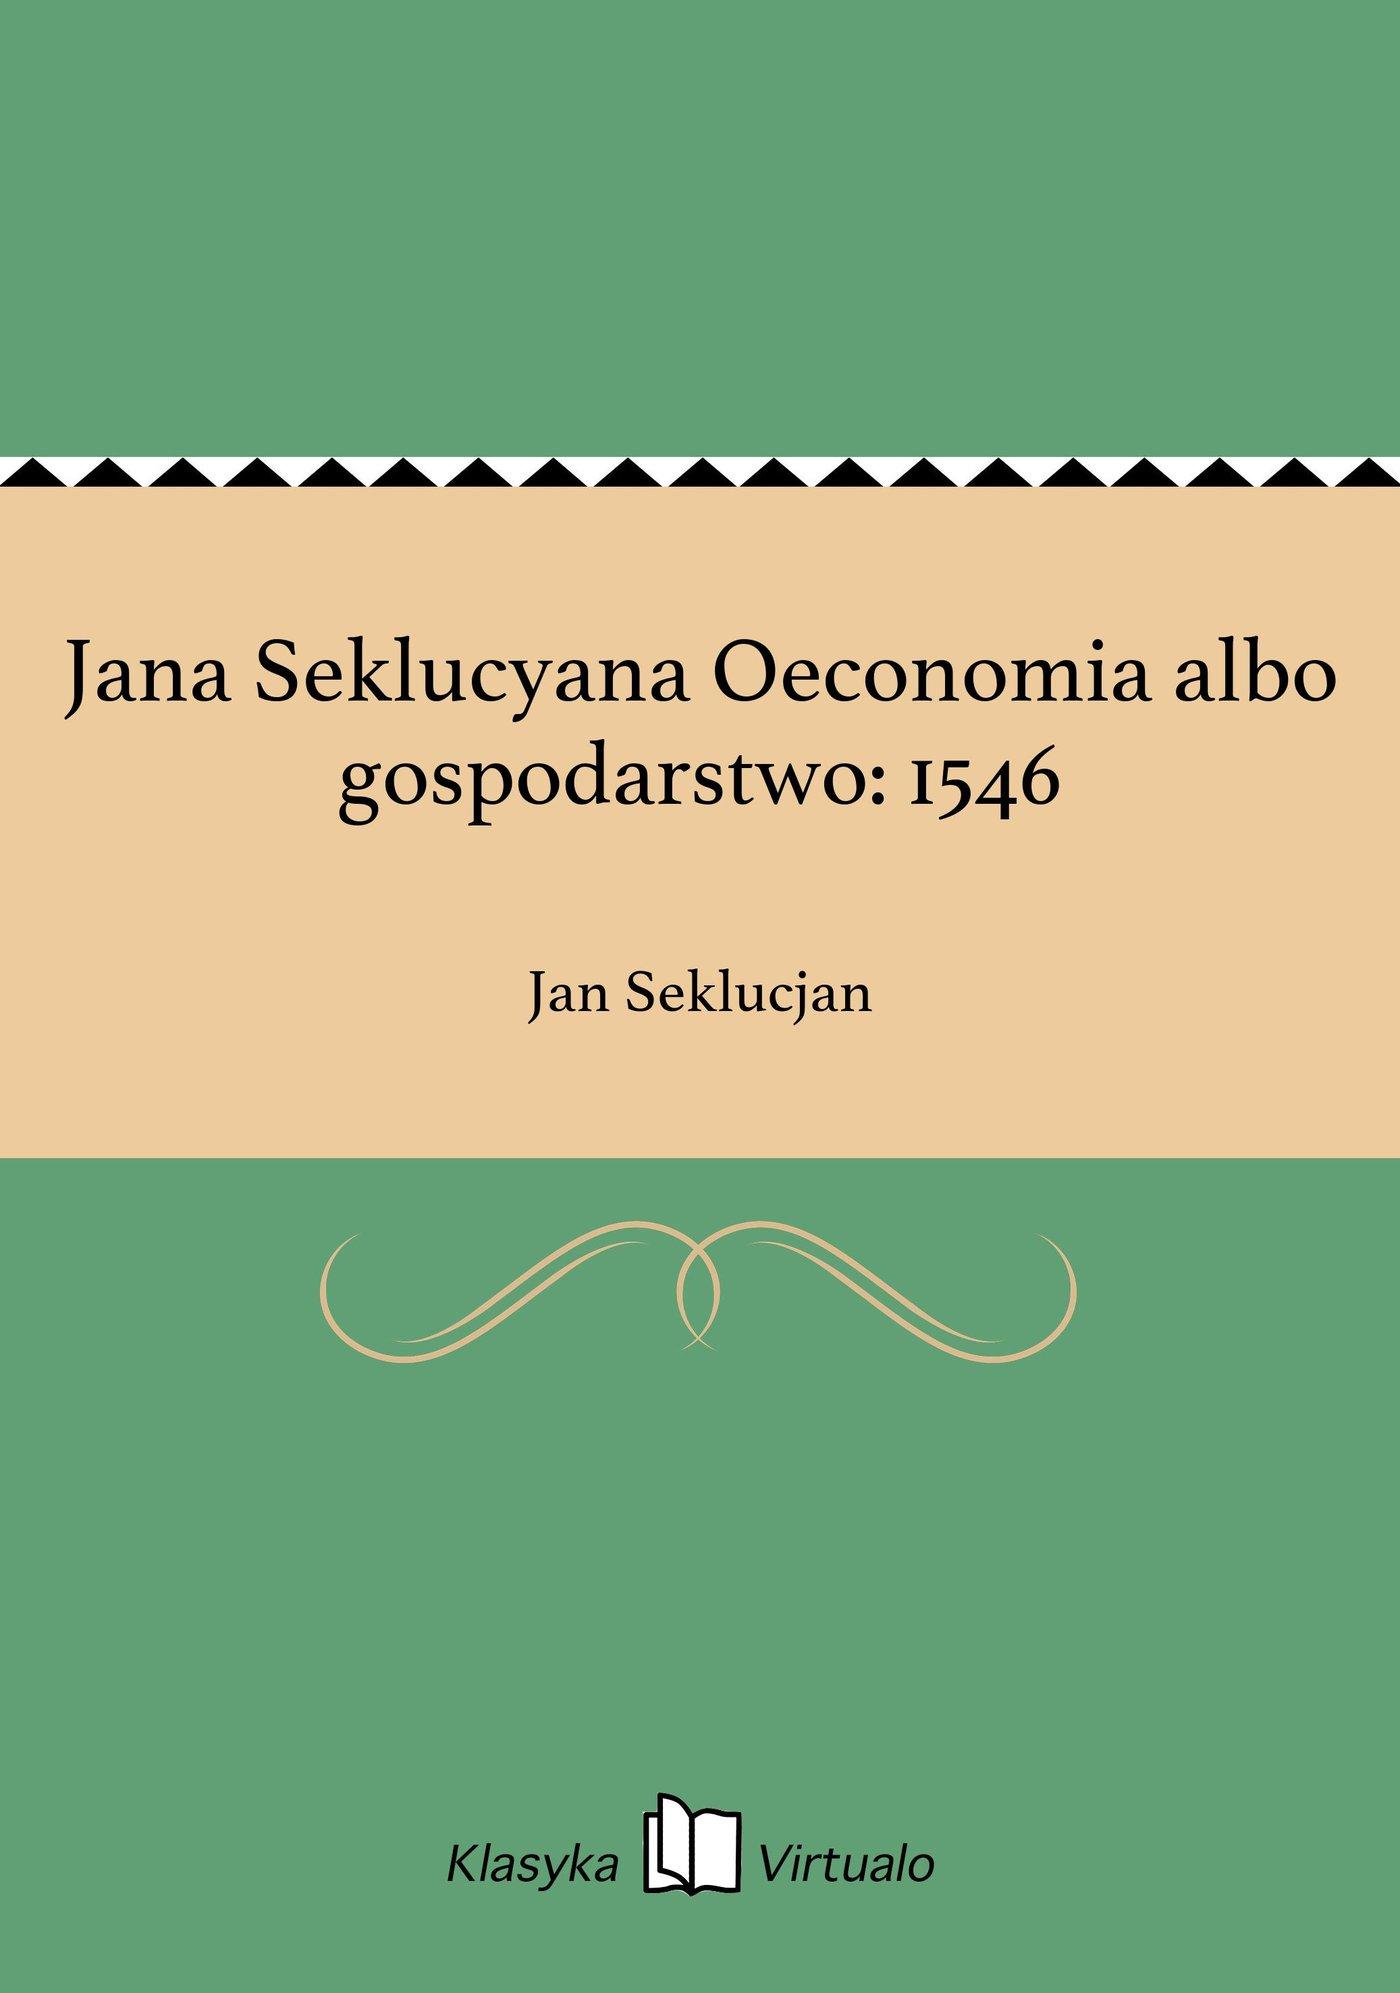 Jana Seklucyana Oeconomia albo gospodarstwo: 1546 - Ebook (Książka na Kindle) do pobrania w formacie MOBI